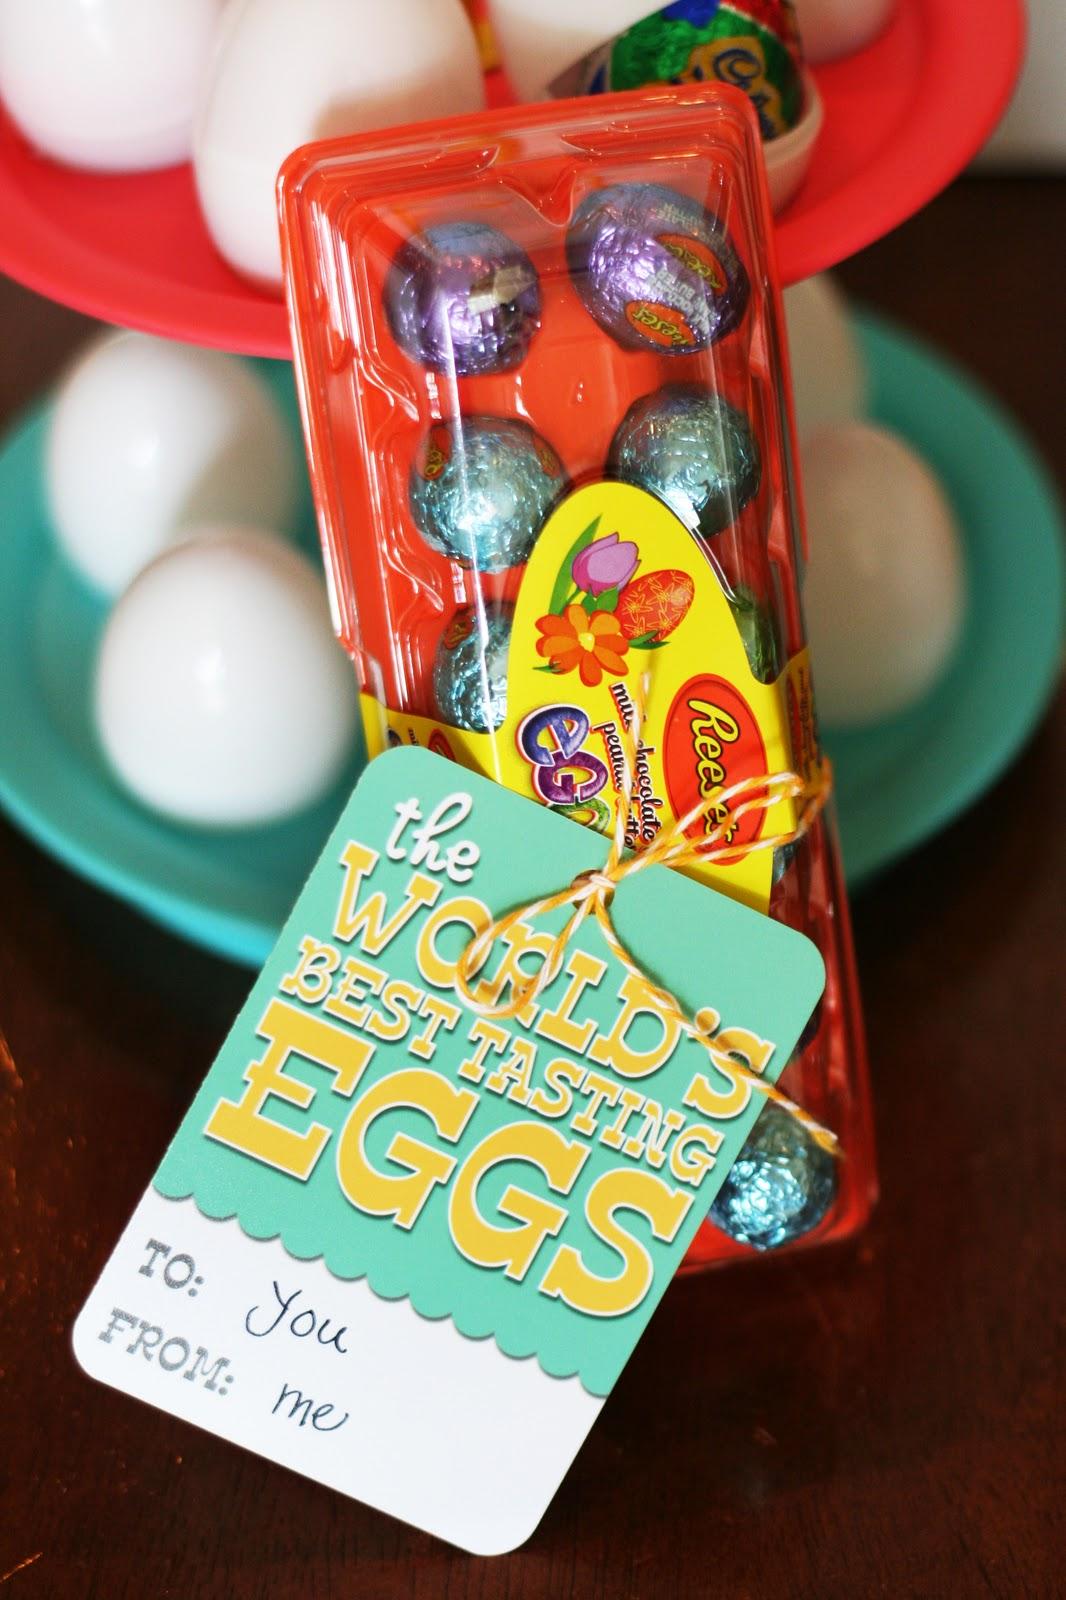 World's Best Tasting Eggs   Easter gift ideas   Free Easter Printables